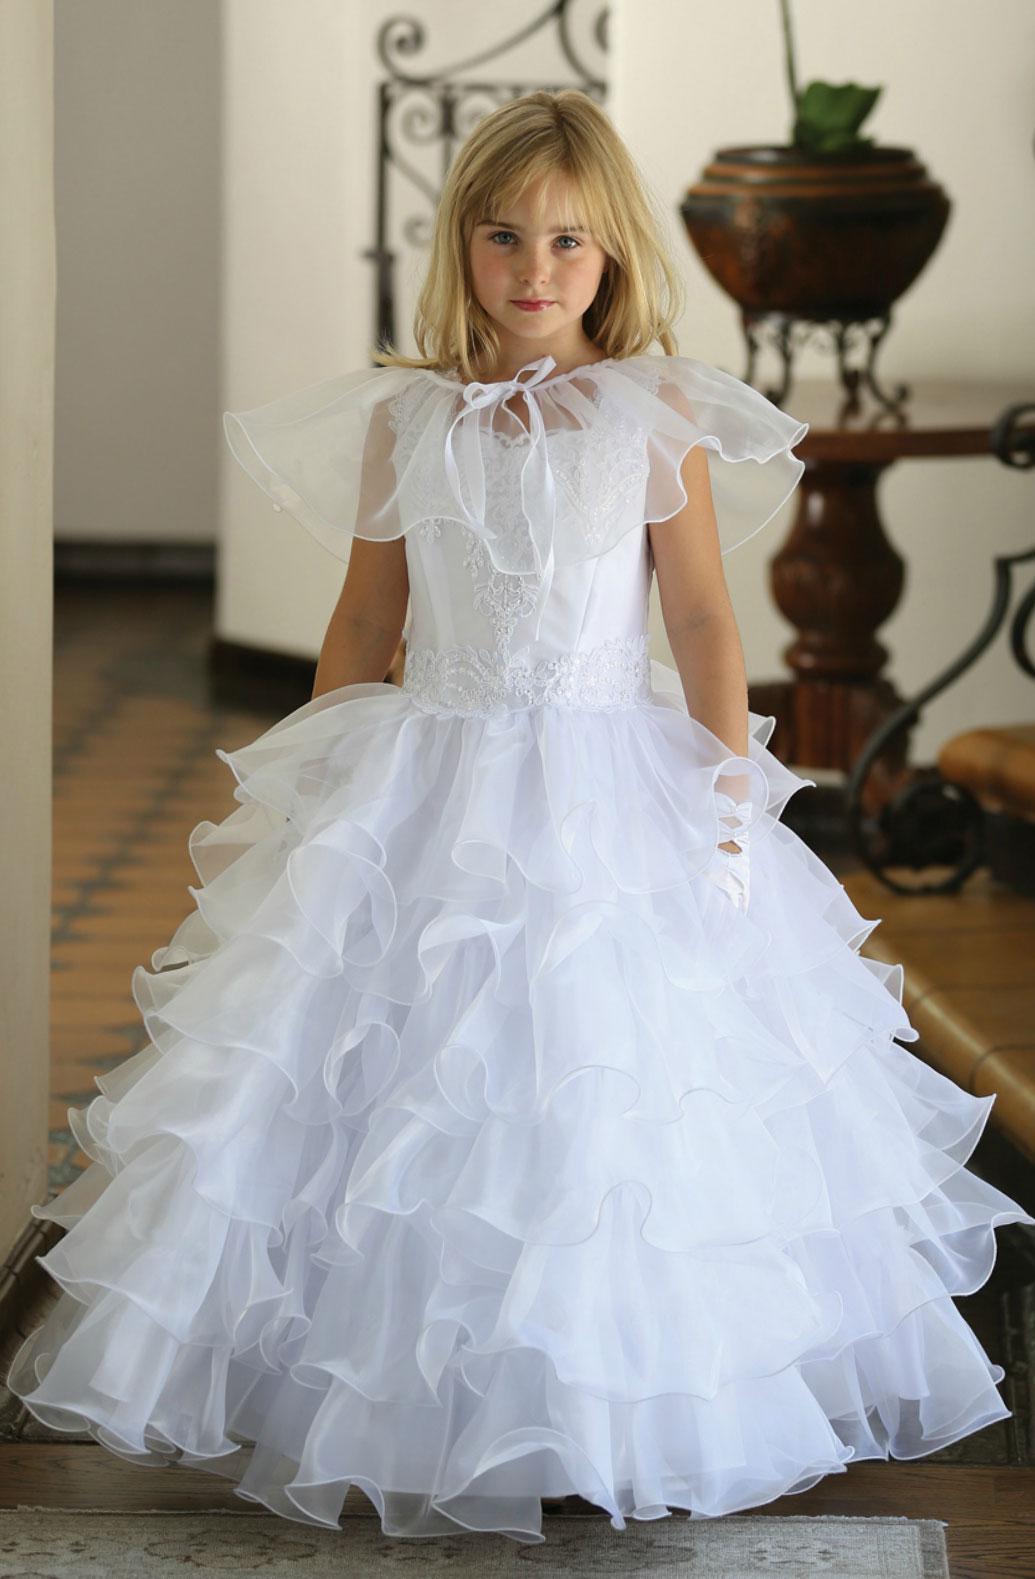 Ag Dr1710 Girls Dress Style Dr1710 White Satin Dress